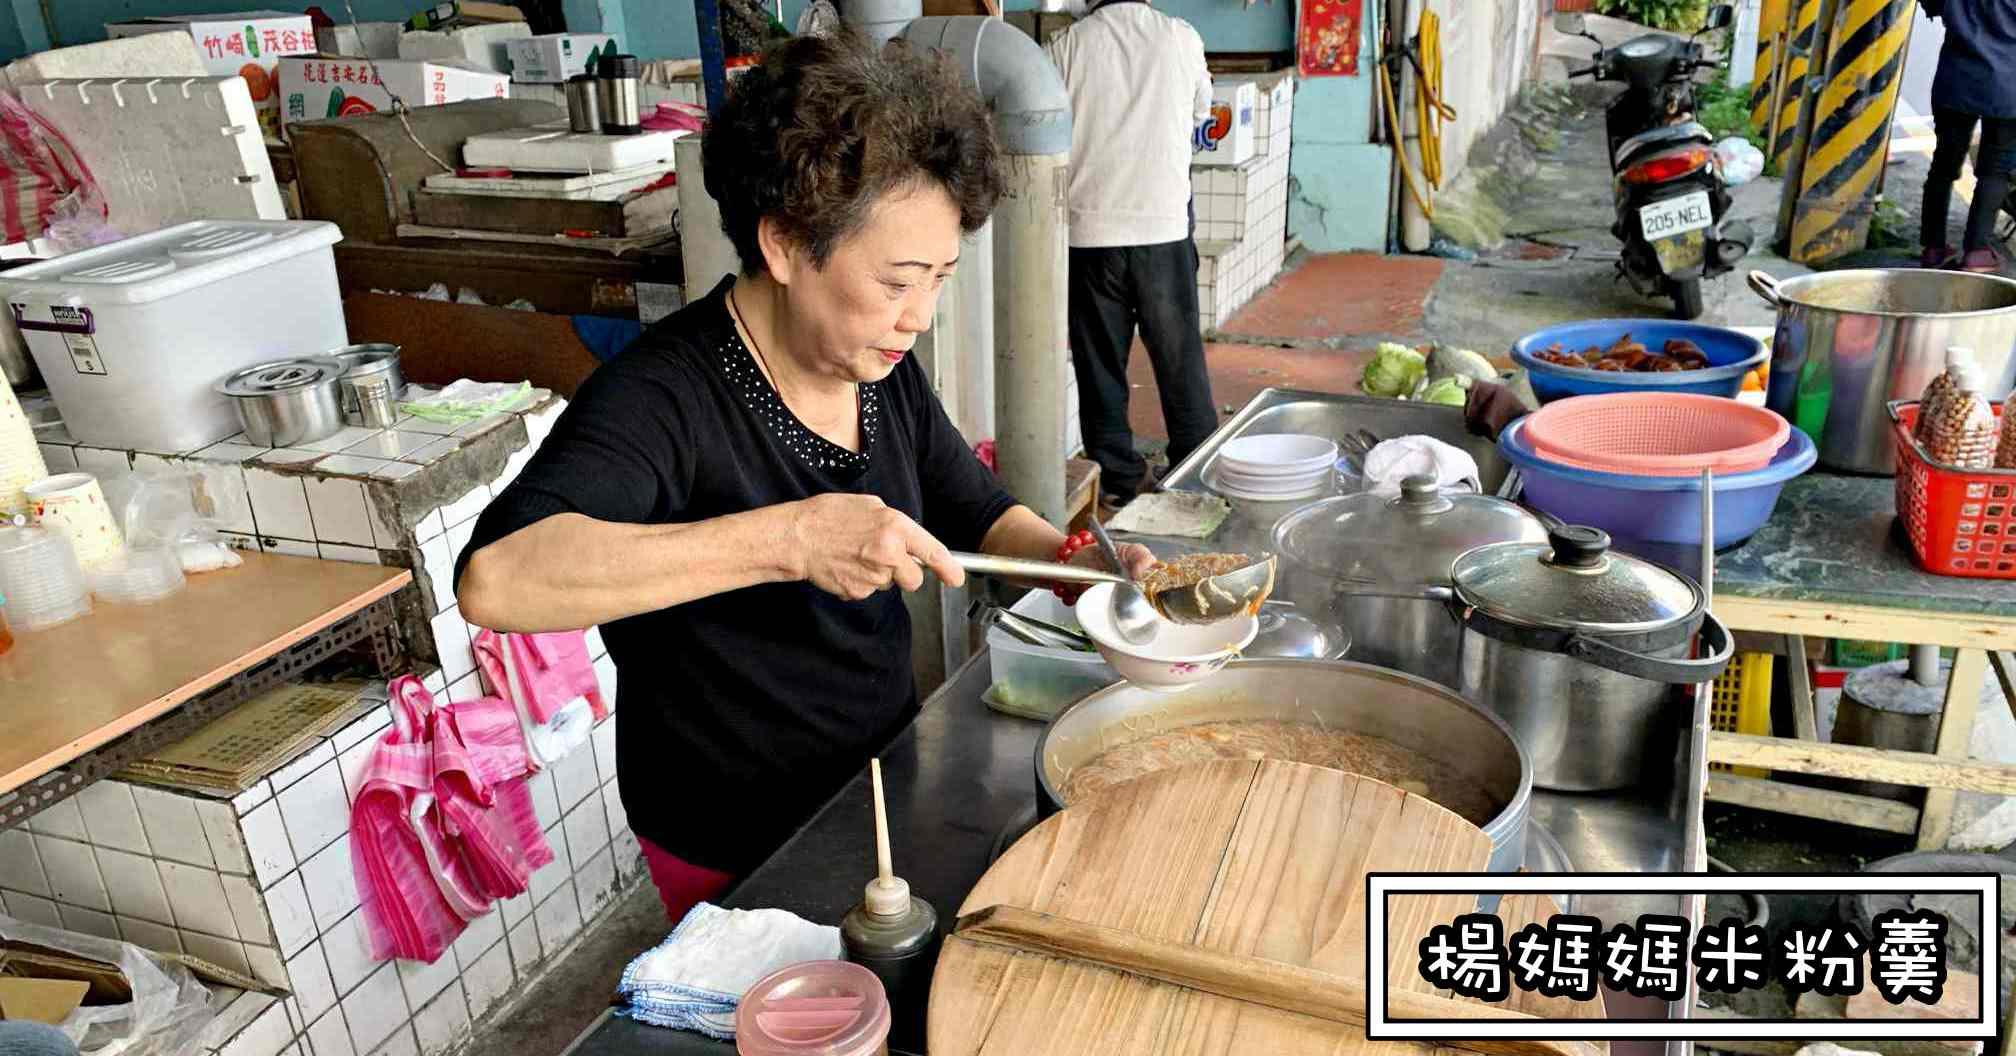 花蓮早餐,大同市場楊媽媽米粉羹,花蓮米粉羹 @Nash,神之領域